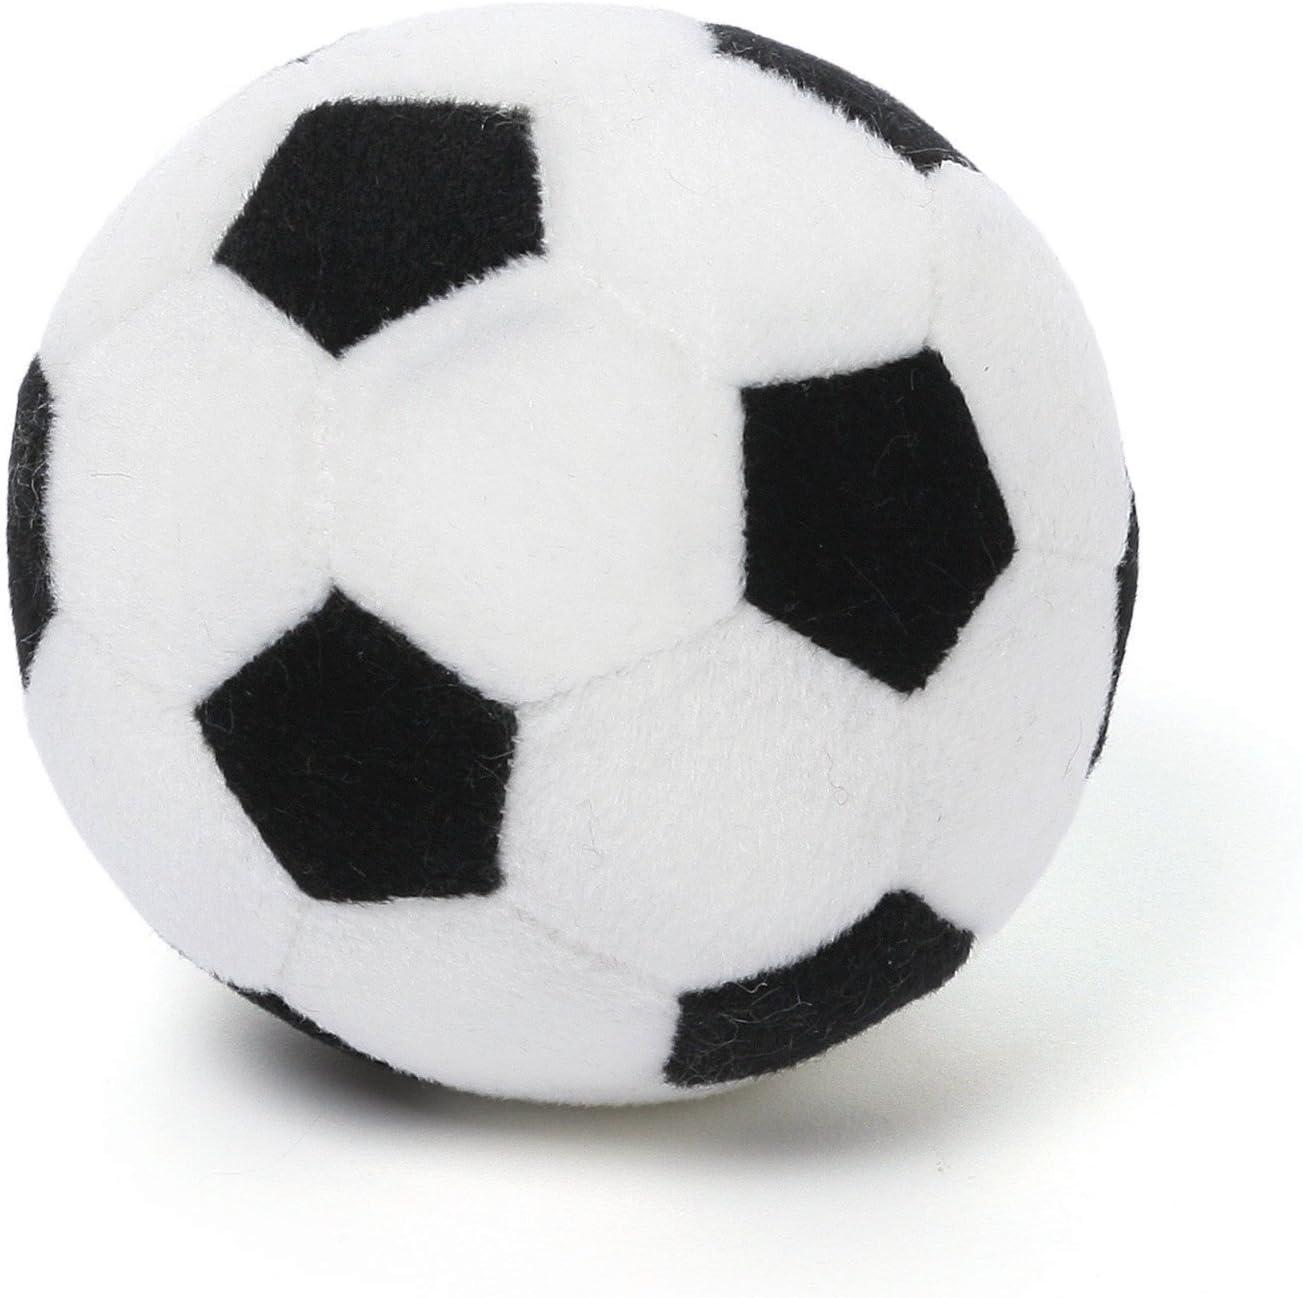 GUND Sportsfanz Pelota de fútbol de Juguete: Amazon.es: Juguetes y ...